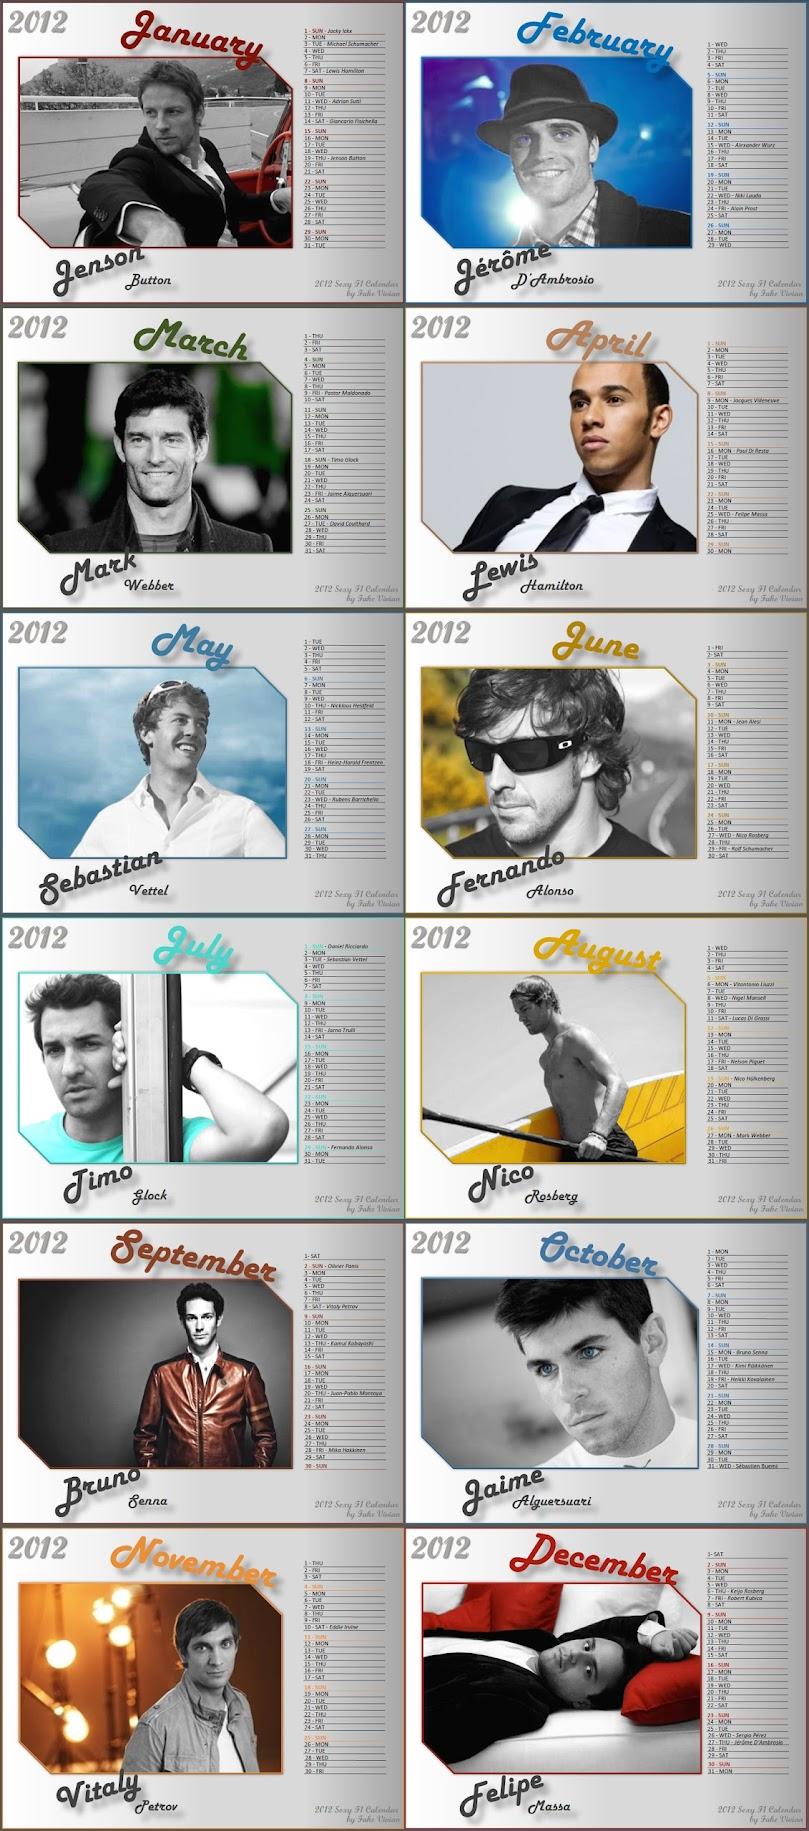 календарь пилотов на 2012 год от FakeVivian